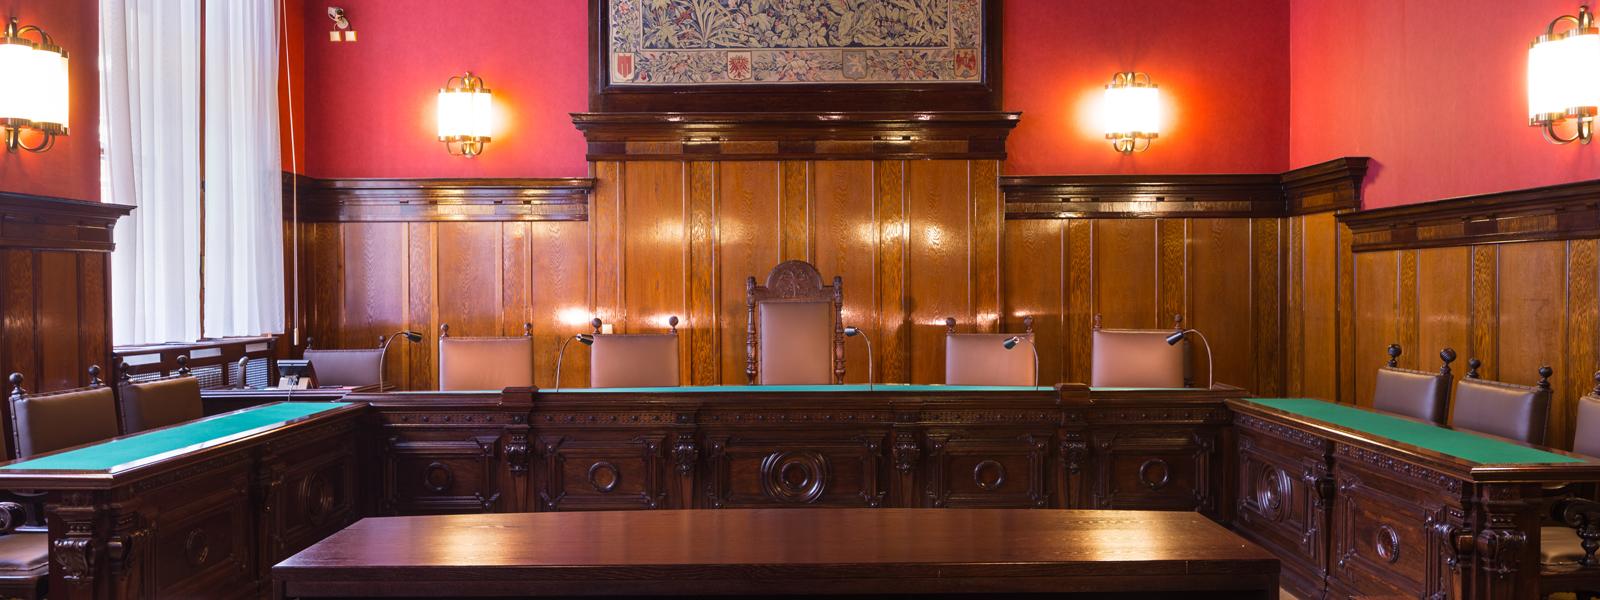 Justizpalast in Wien, Gerichtssaal